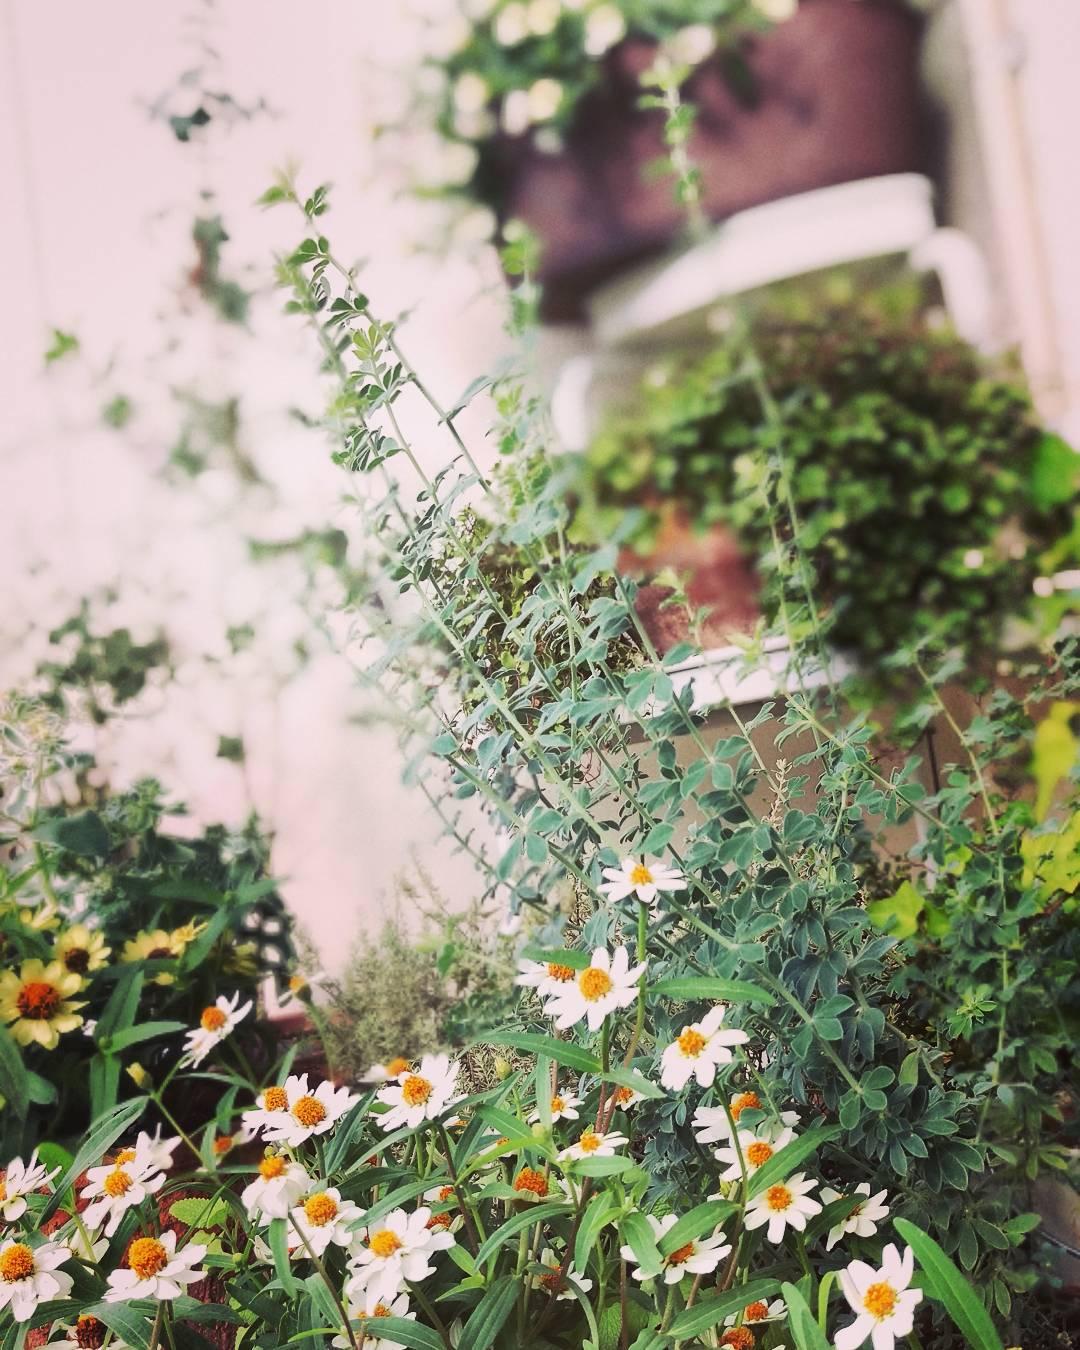 ジニアが咲くにぎやかなベランダ。お花がたくさんあるベランダは、癒されますね。@akemikea33119 さん提供